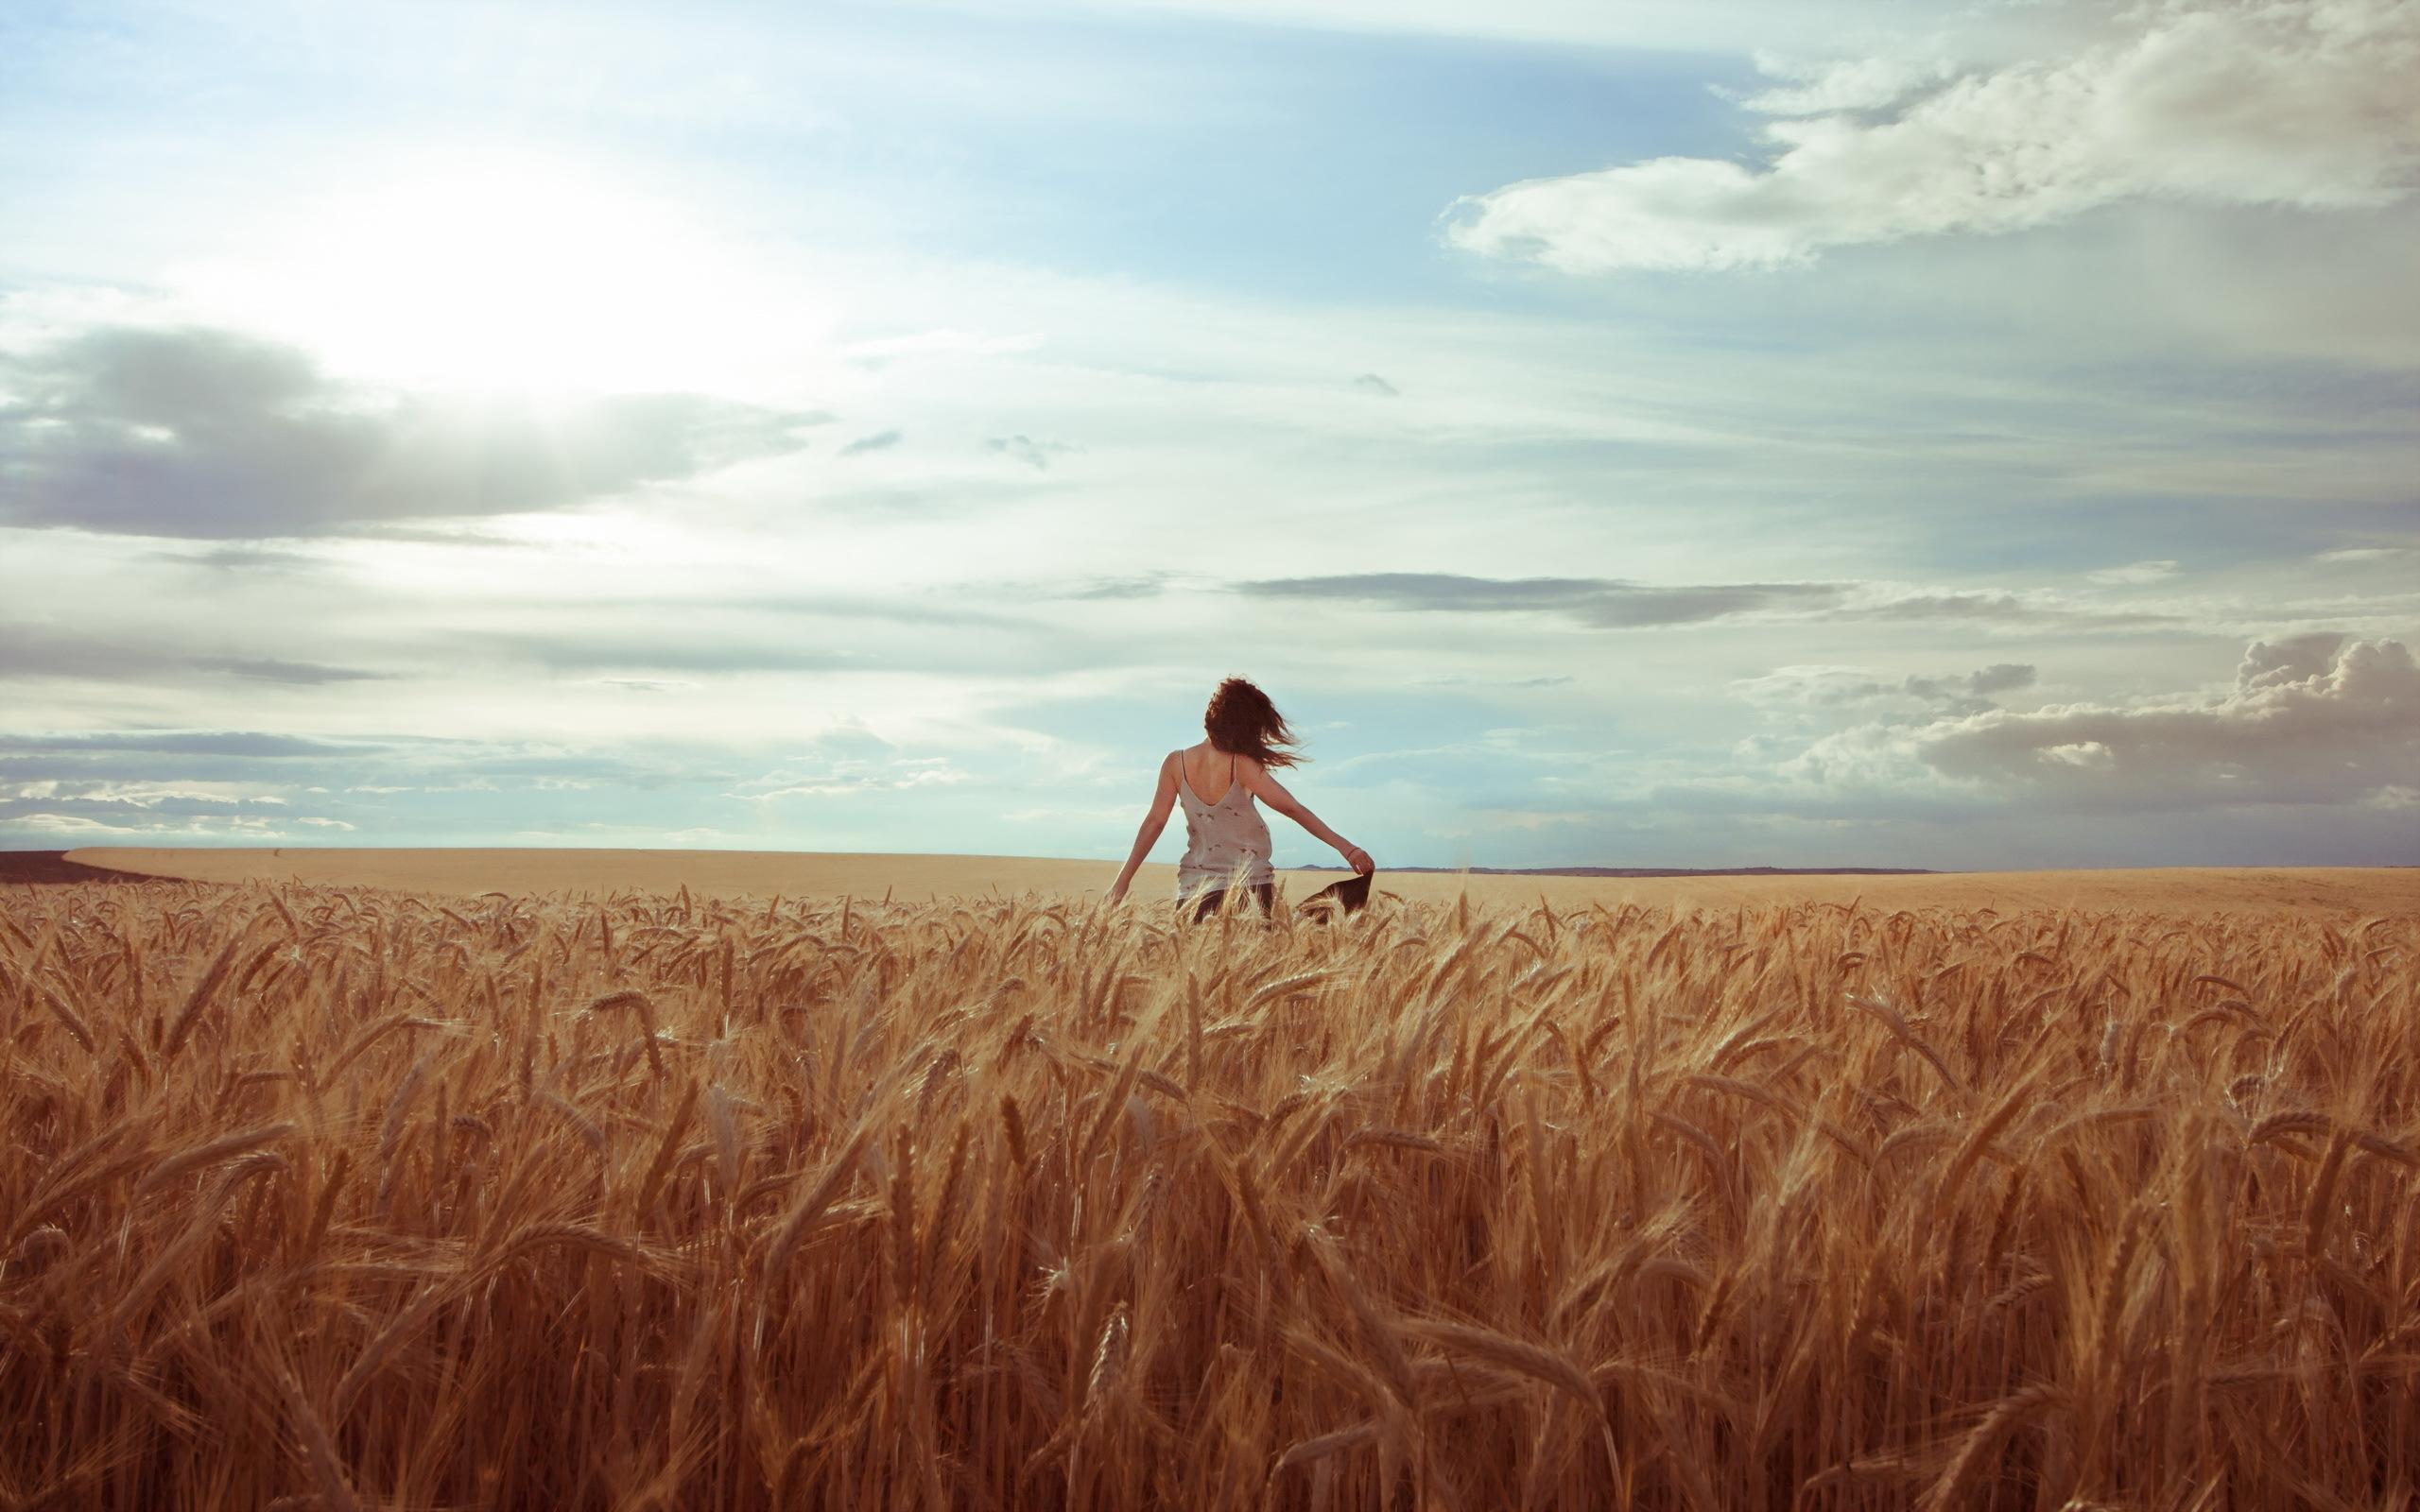 Девушка в поле с колосьями  № 1822156  скачать